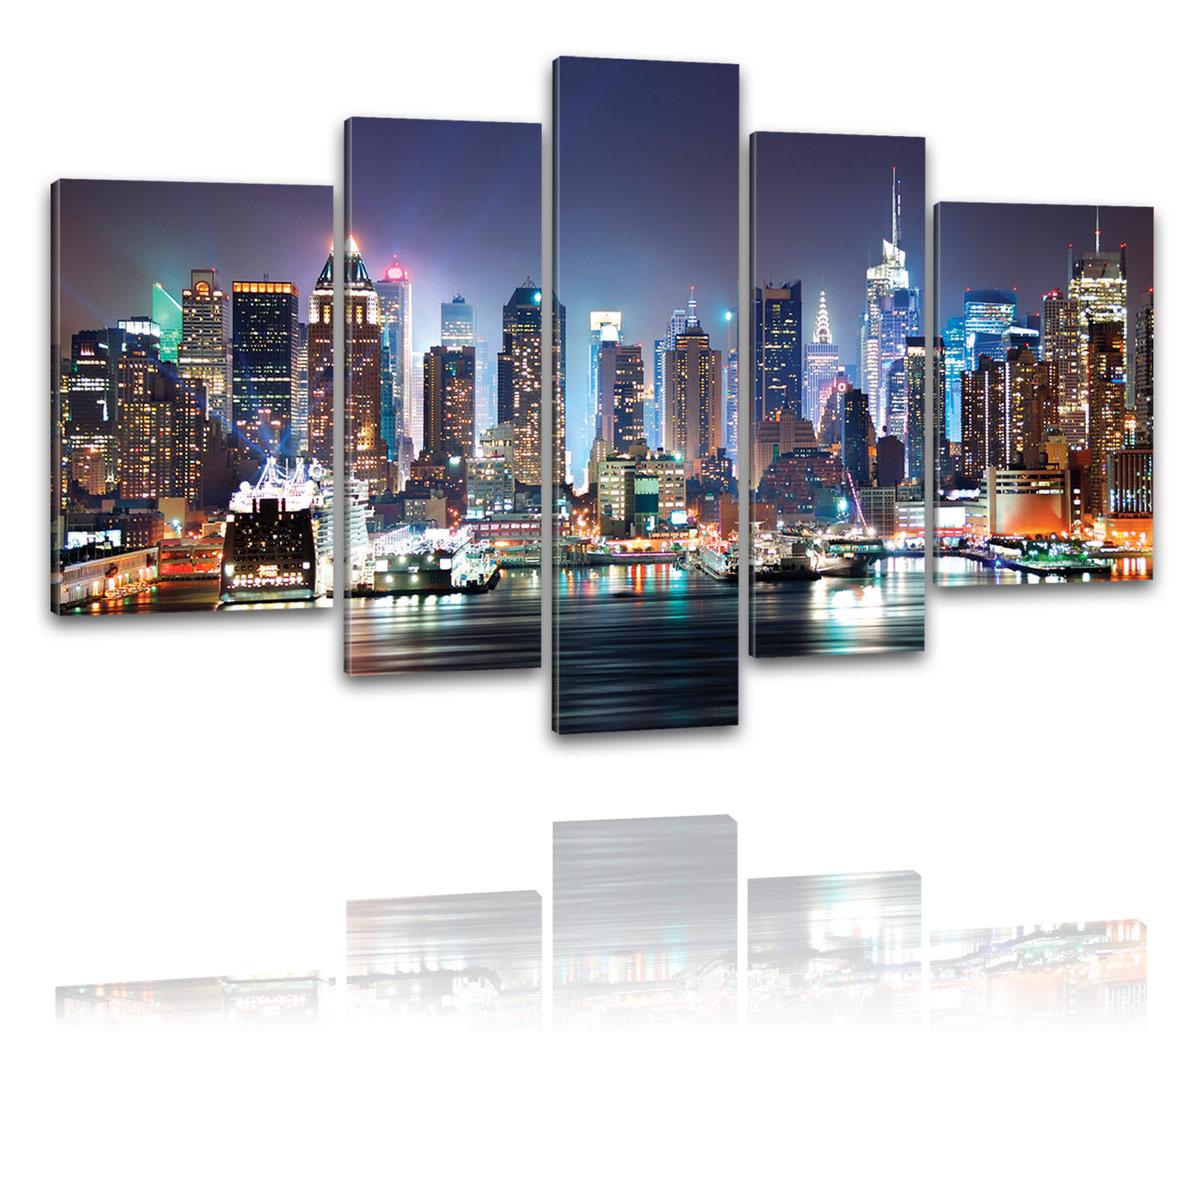 kunstdruck leinwand bilder new york skyline manhattan bei nacht bild xxl 5 teile ebay. Black Bedroom Furniture Sets. Home Design Ideas